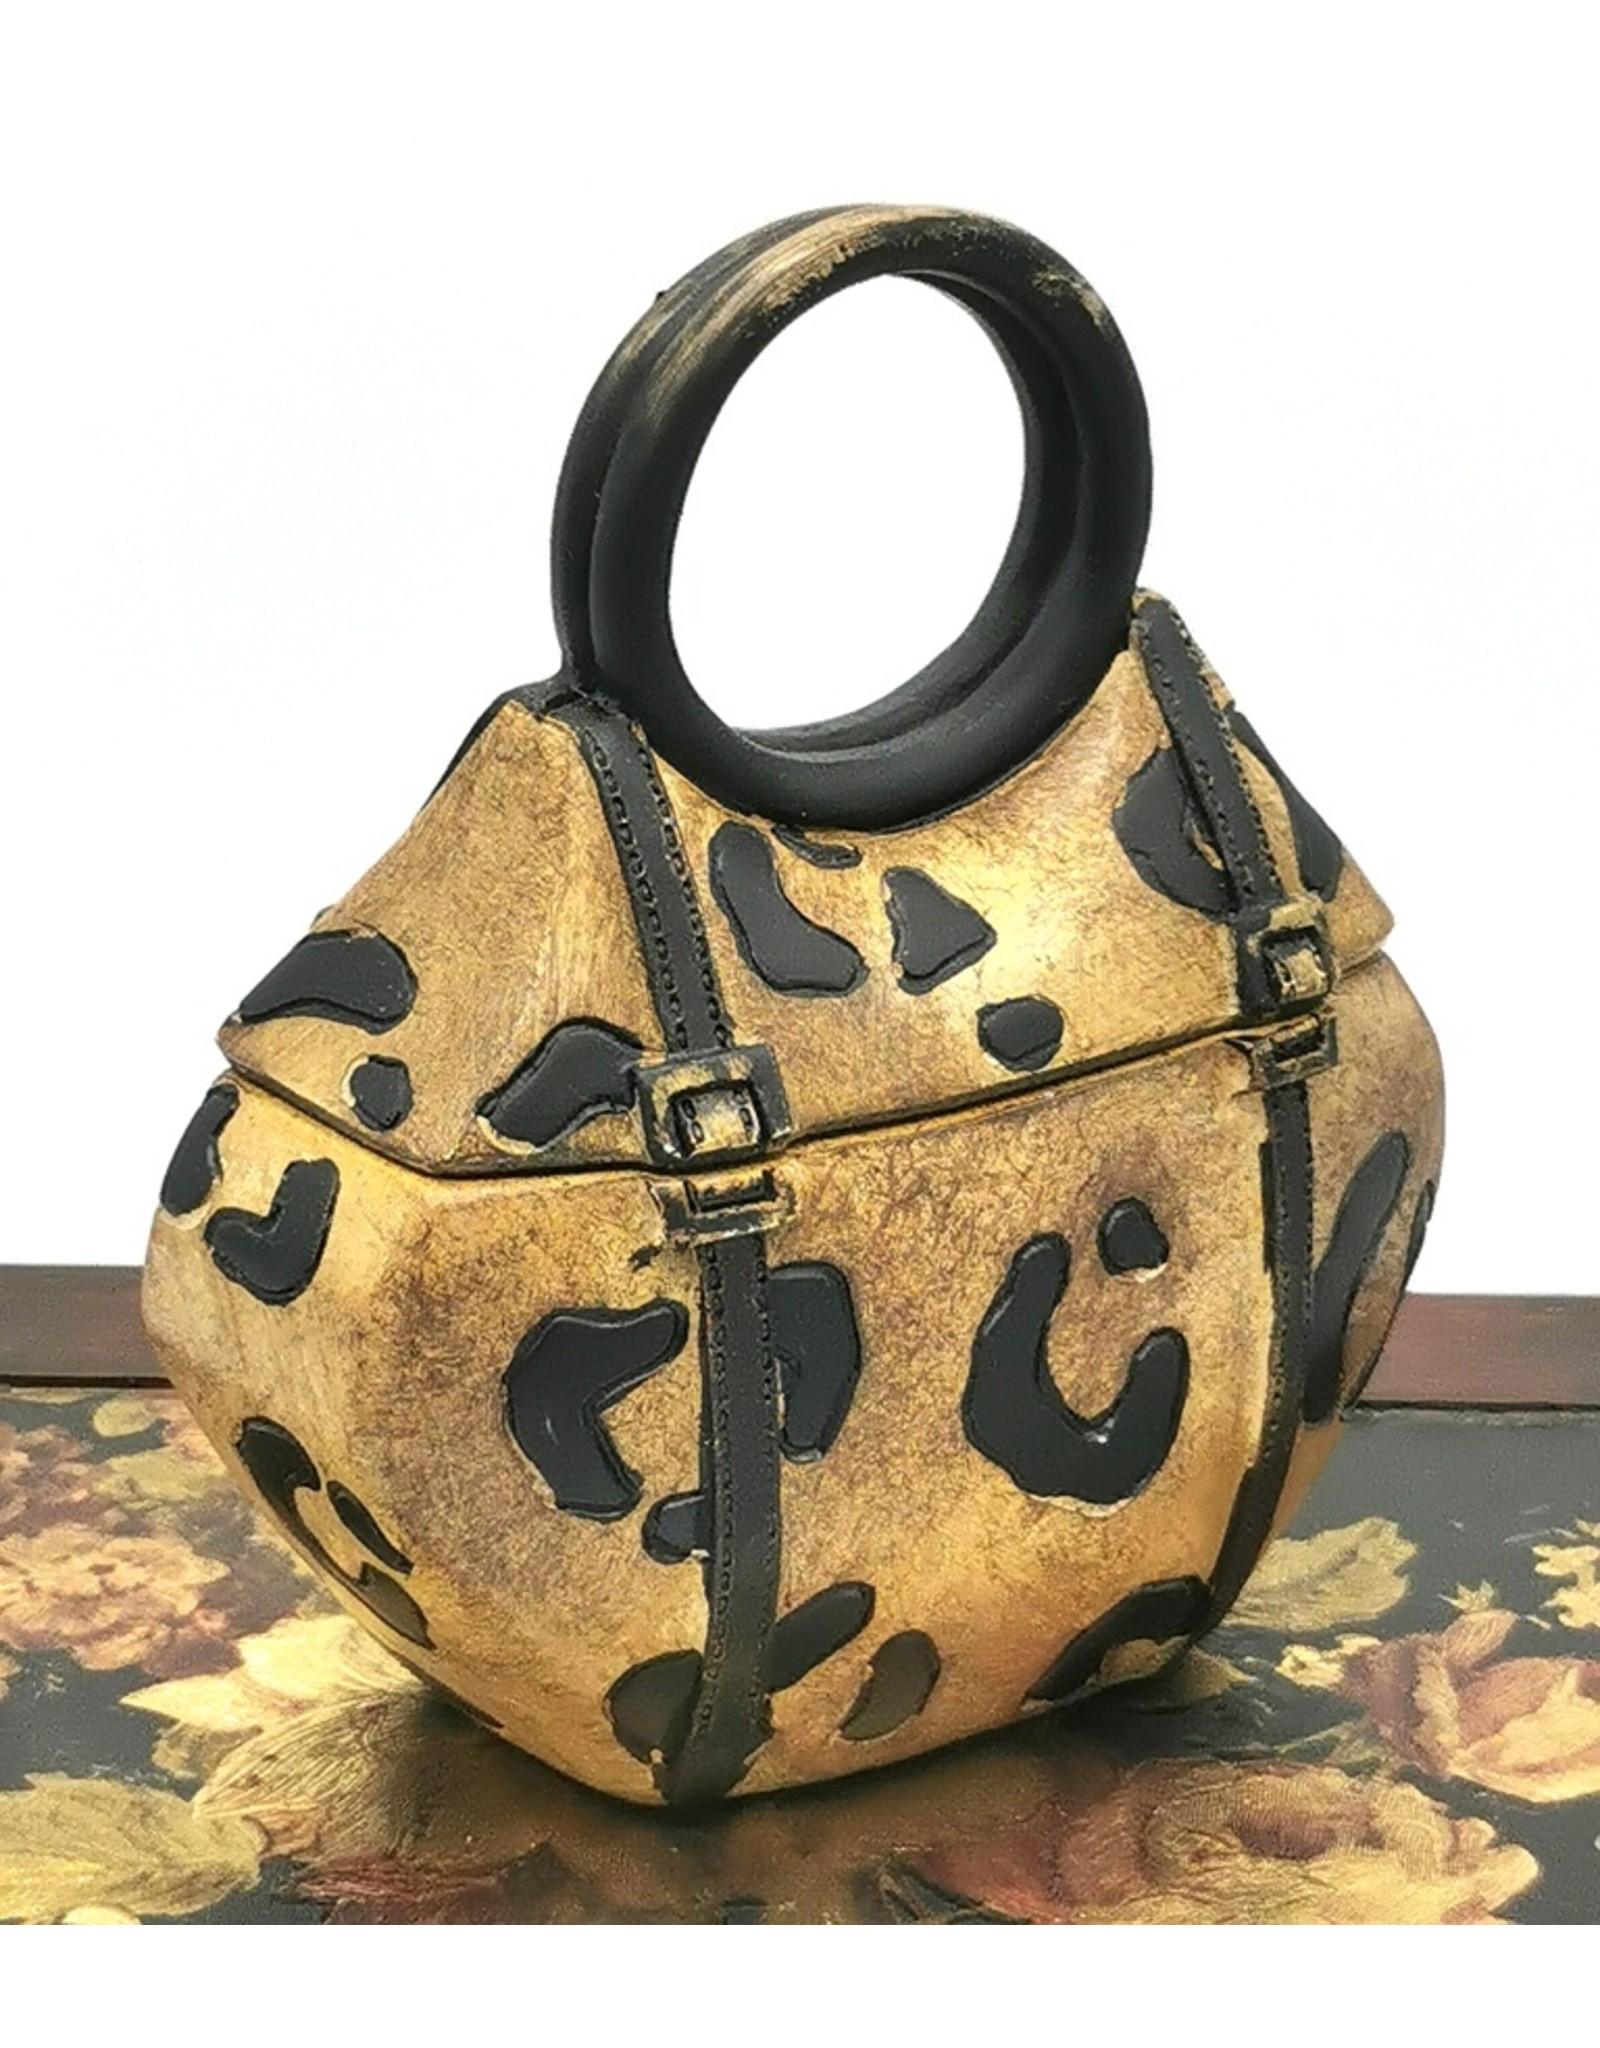 Miniatuur handtas met dierenprint doosje Giftware Figurines Collectables - Handbag with animal print storage box